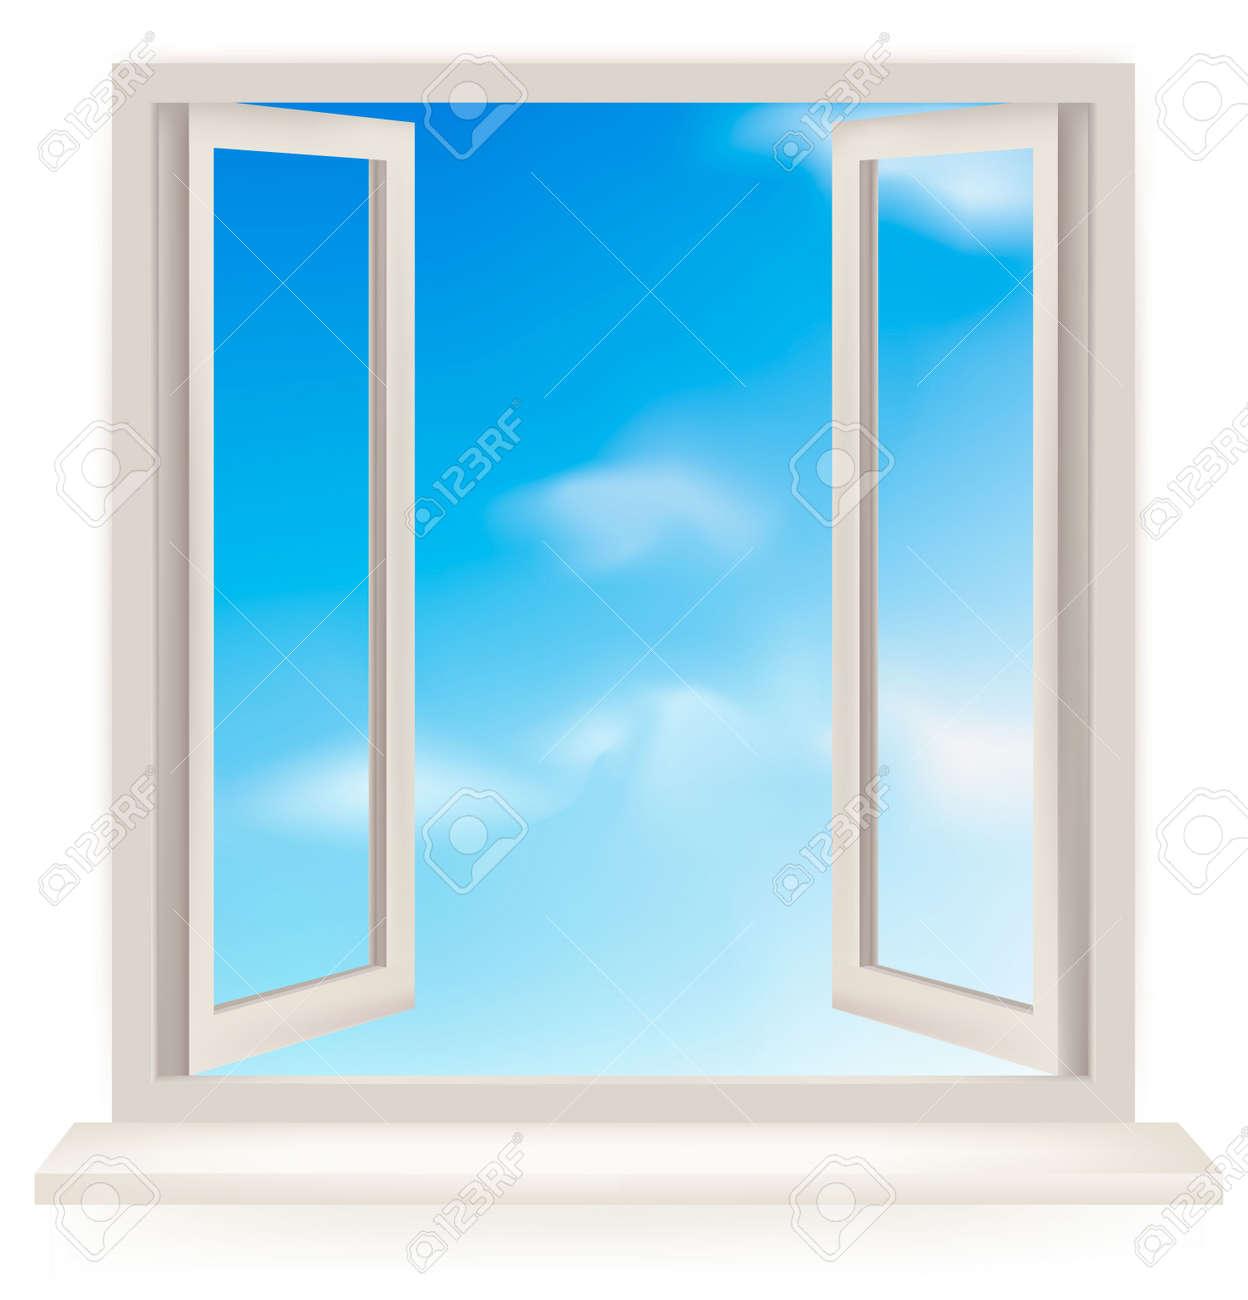 Offenes fenster himmel  Offene Fenster Gegen Eine Weiße Wand Und Den Bewölkten Himmel ...